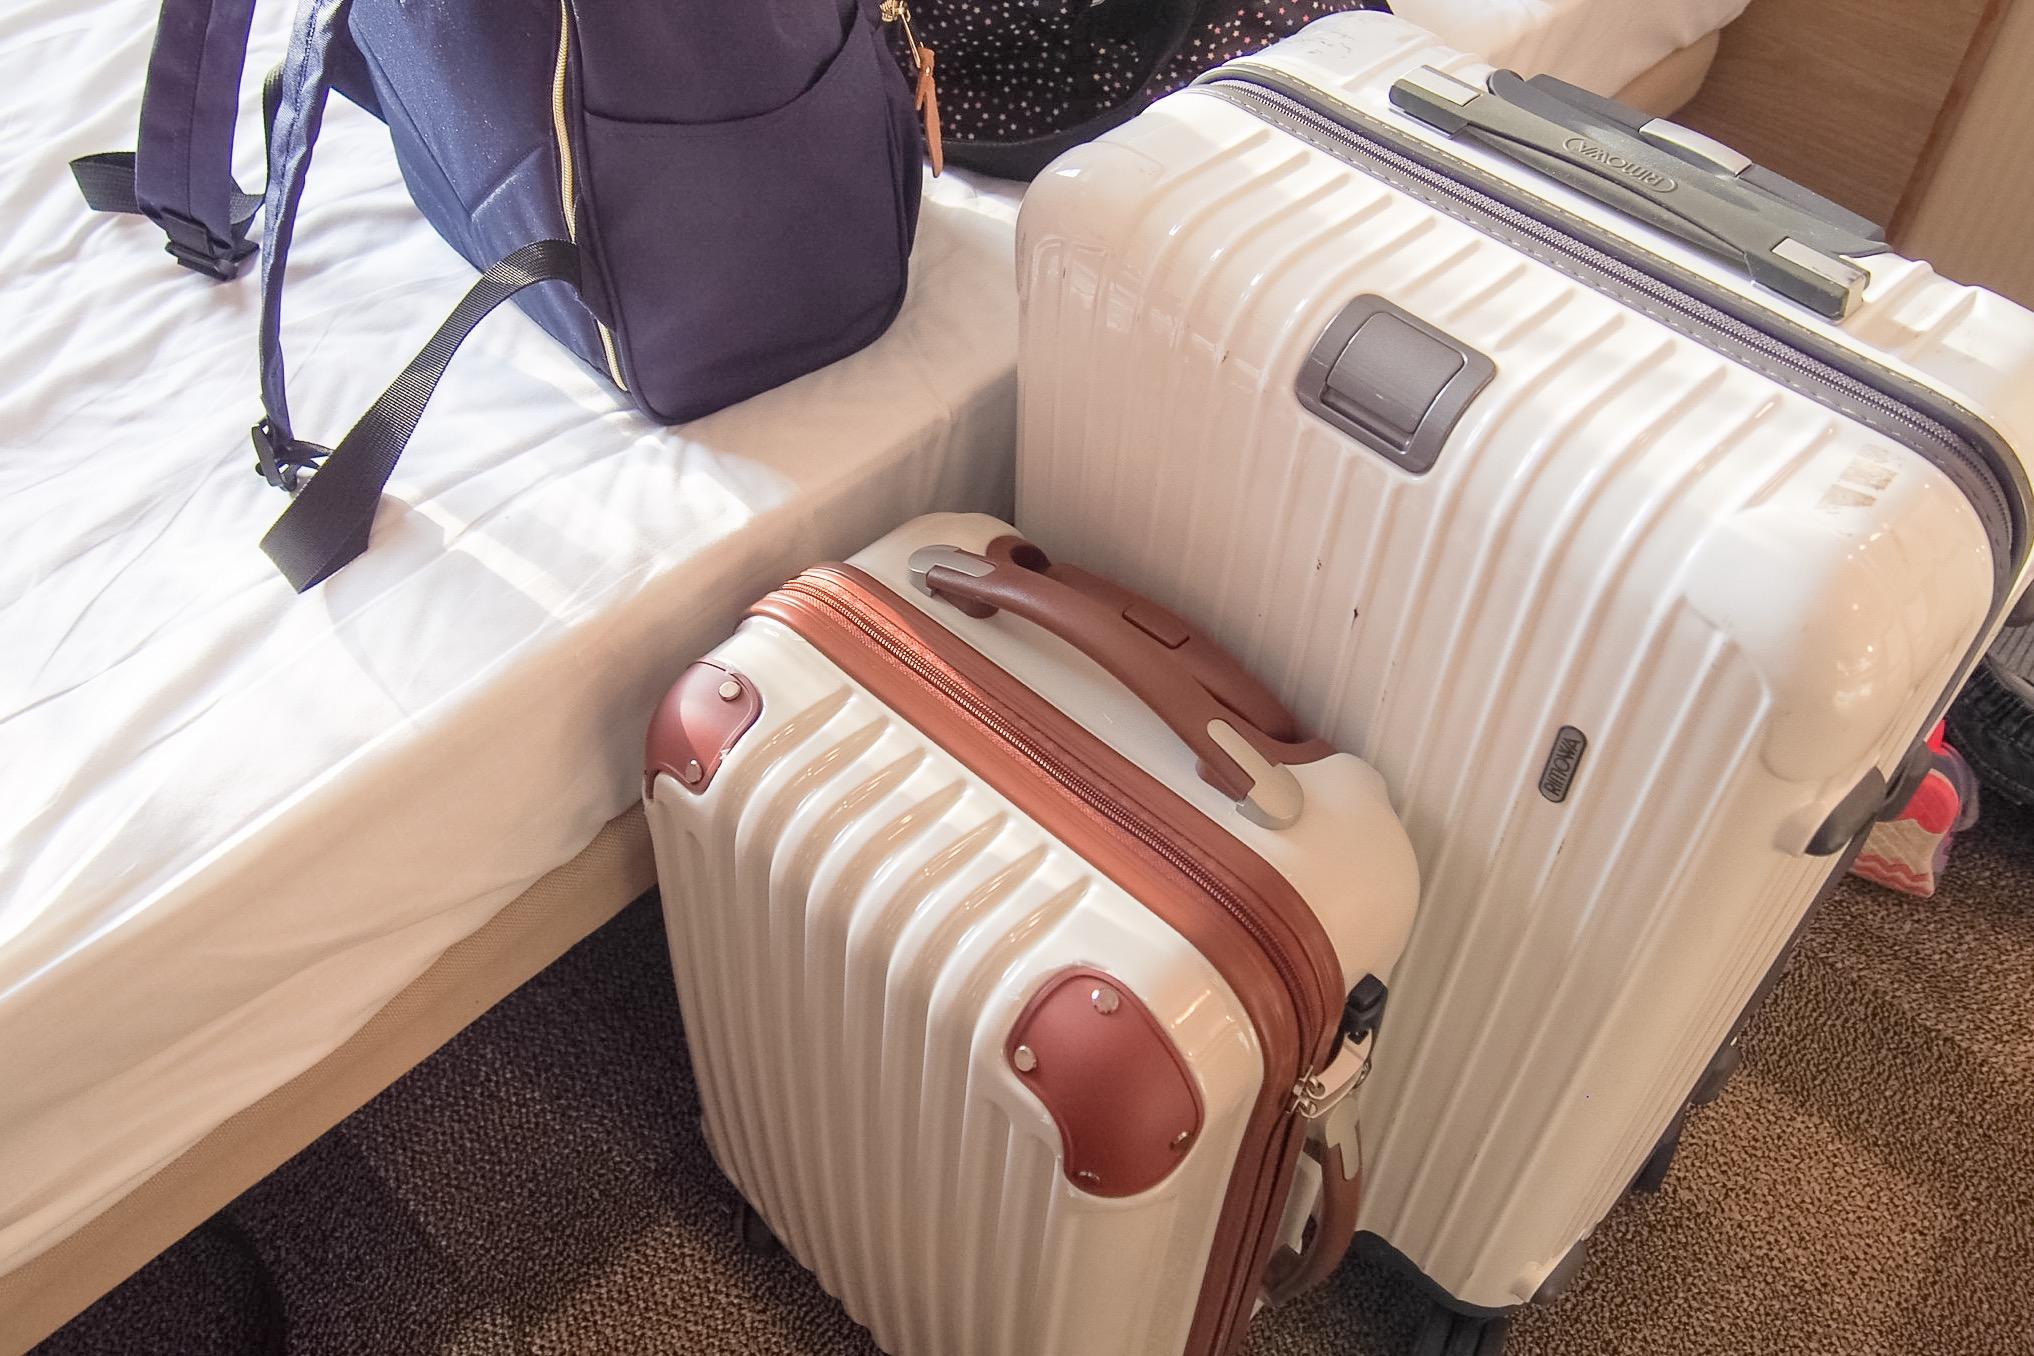 スーツケースの鍵を紛失したときの対処法と開け方